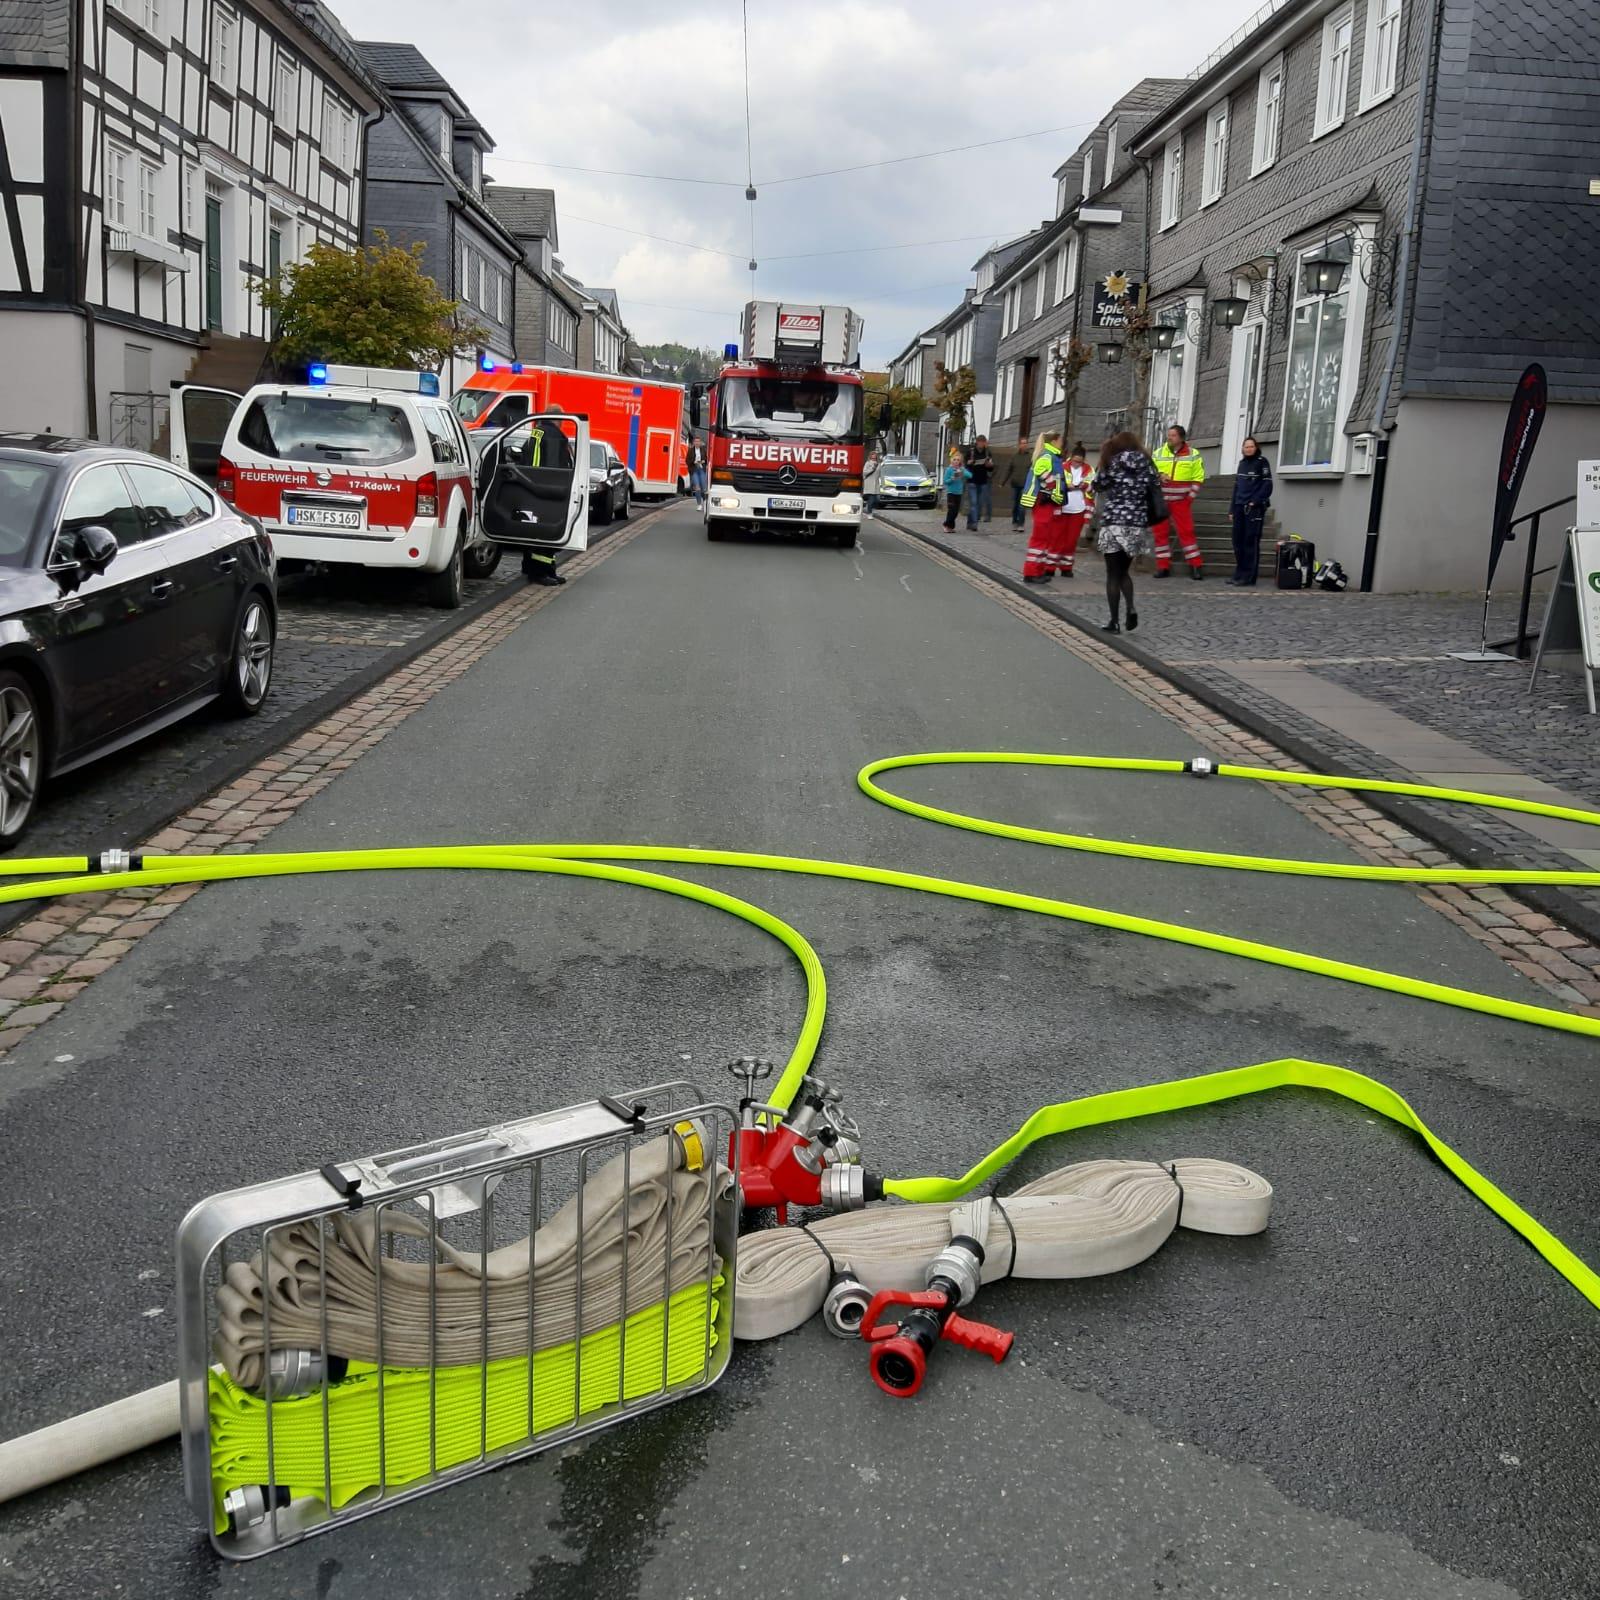 Gemeldeter Wohnungsbrand in der historischen Altstadt von Schmallenberg